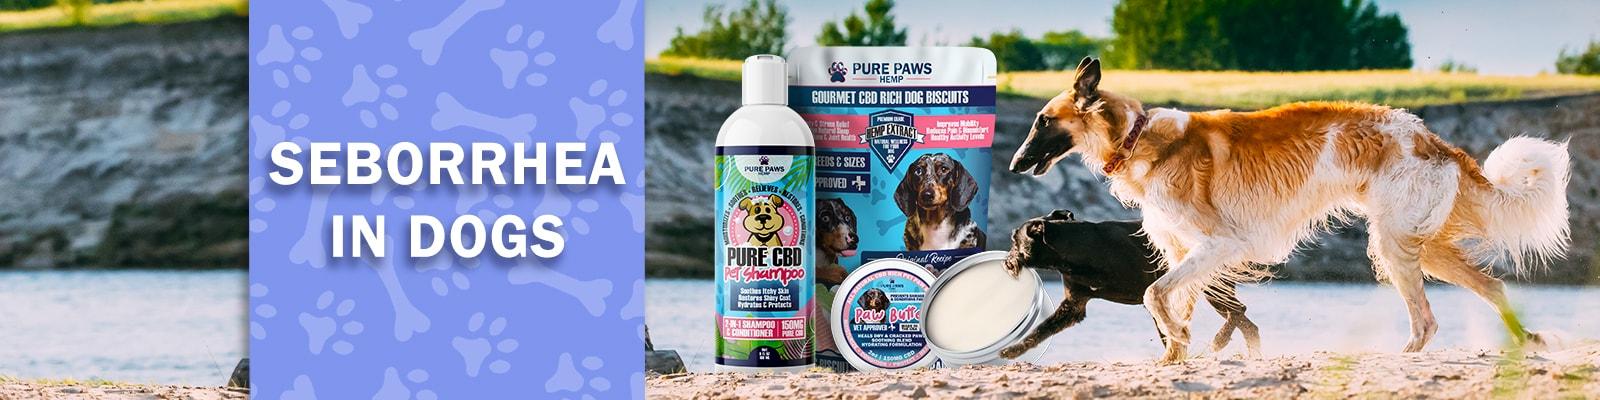 CBD for seborrhea in dogs with dandruff